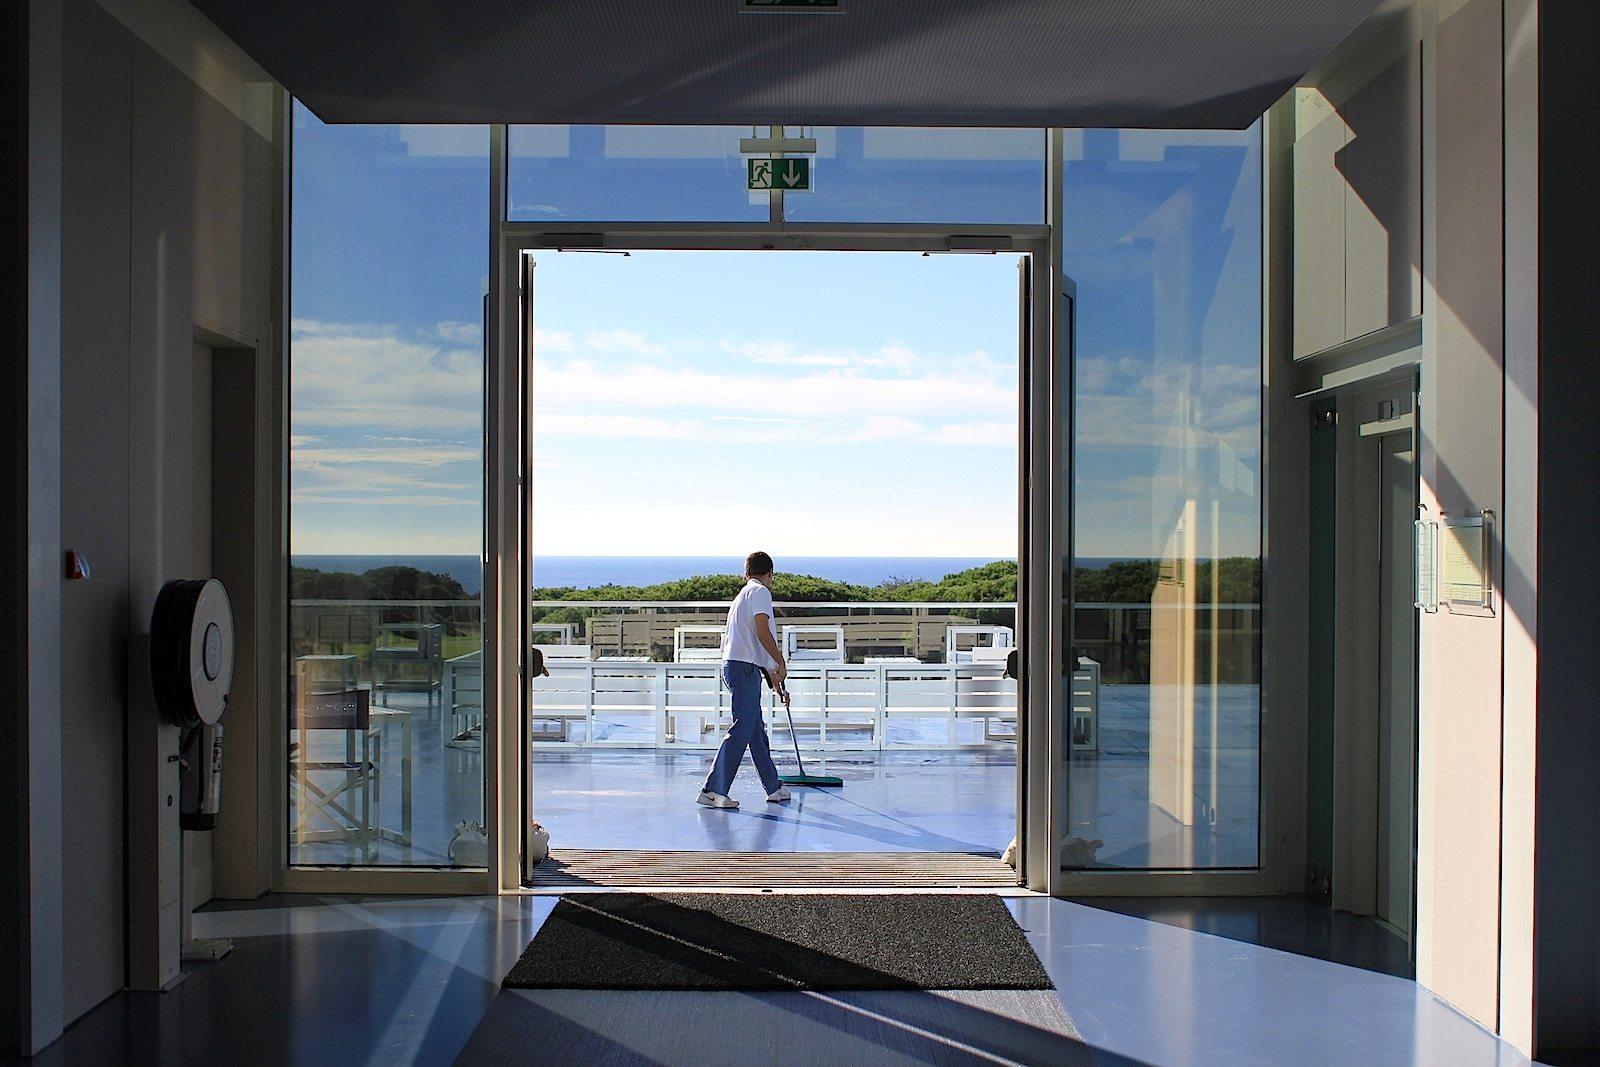 The Oitavos. Die Anlage ist Teil der Quinta da Marinha, einem Teil außerhalb von Cascais auf der Strecke gen Weltkulturerbestätte Sintra.